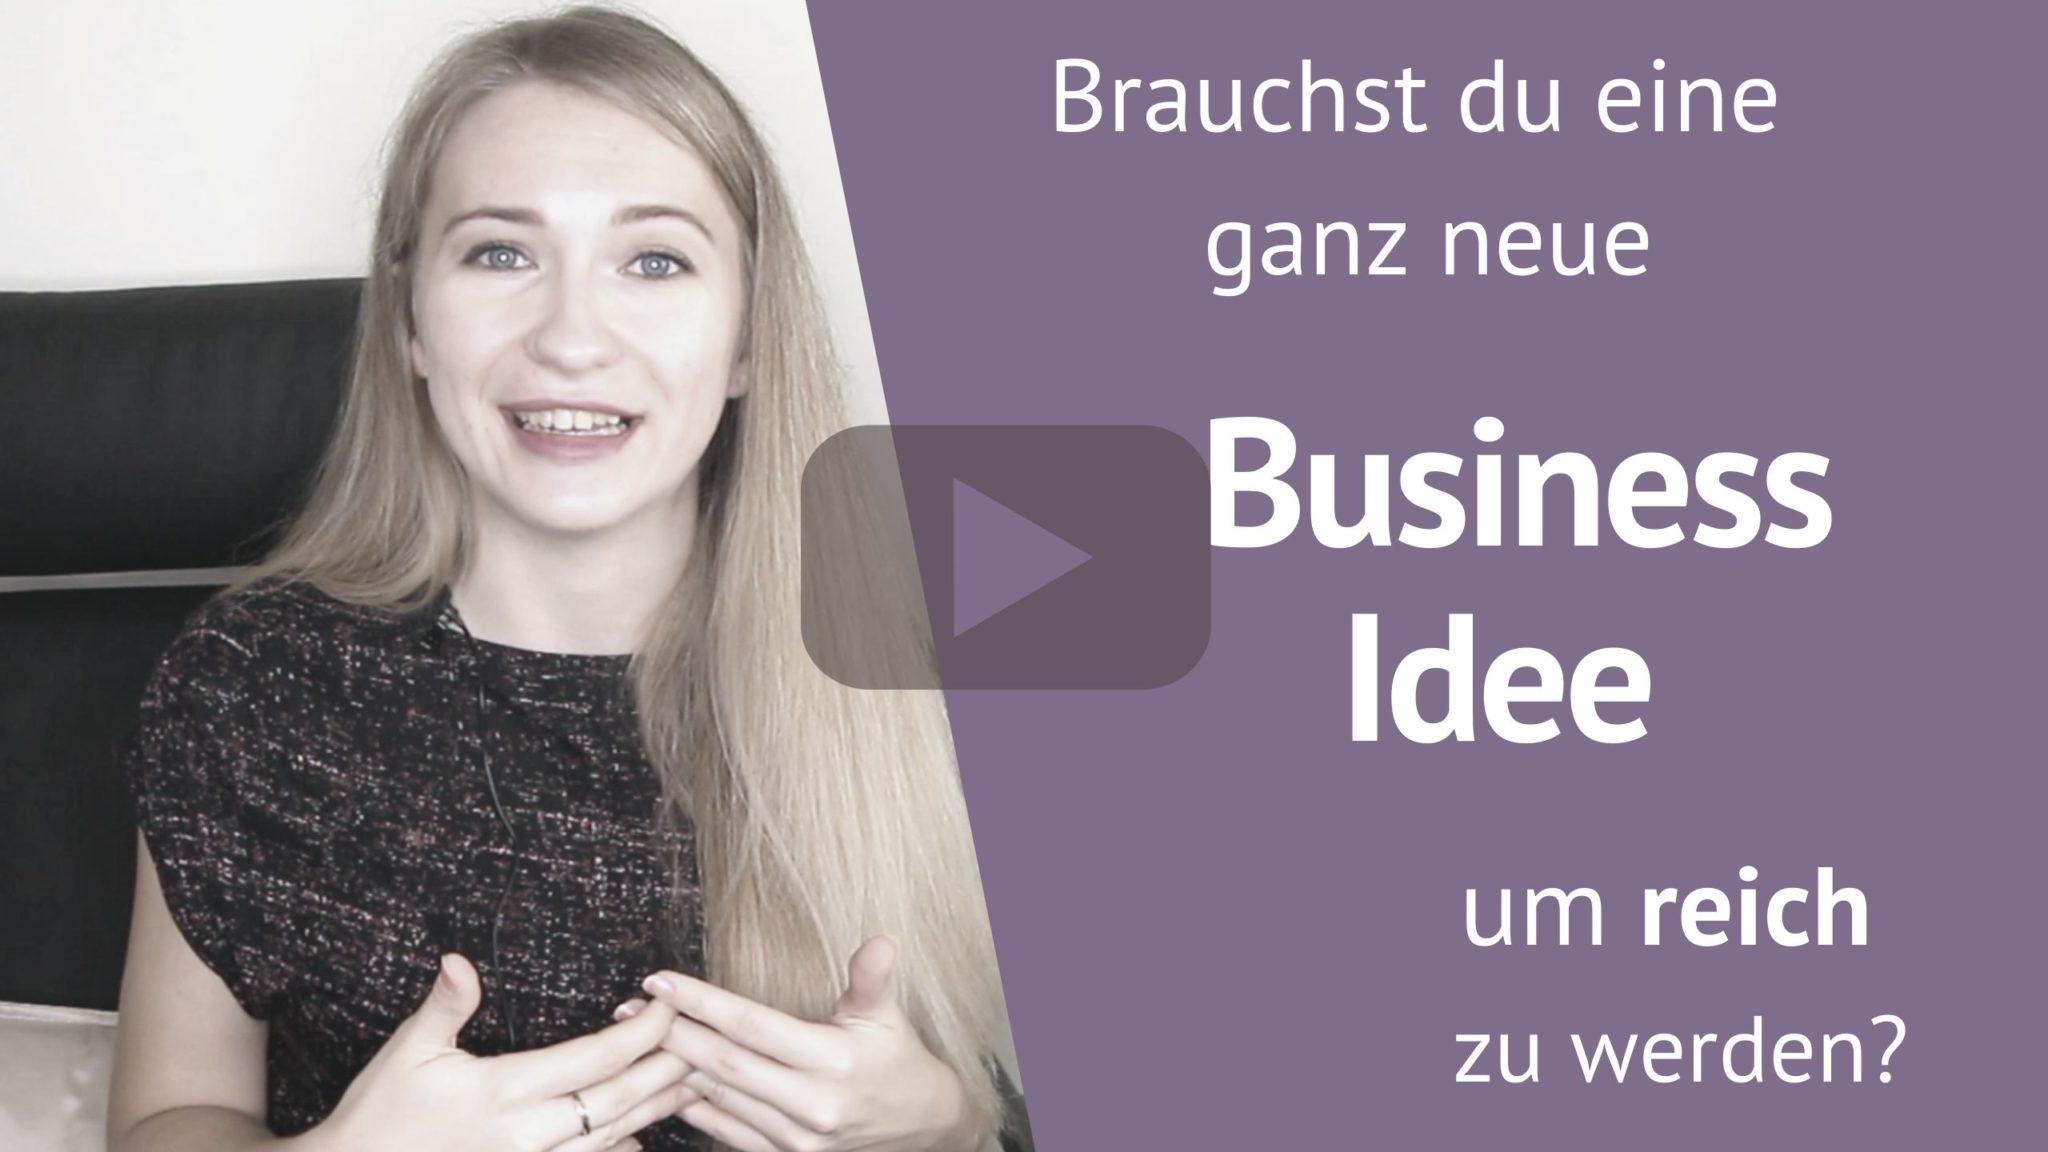 brauchst du eine business idee